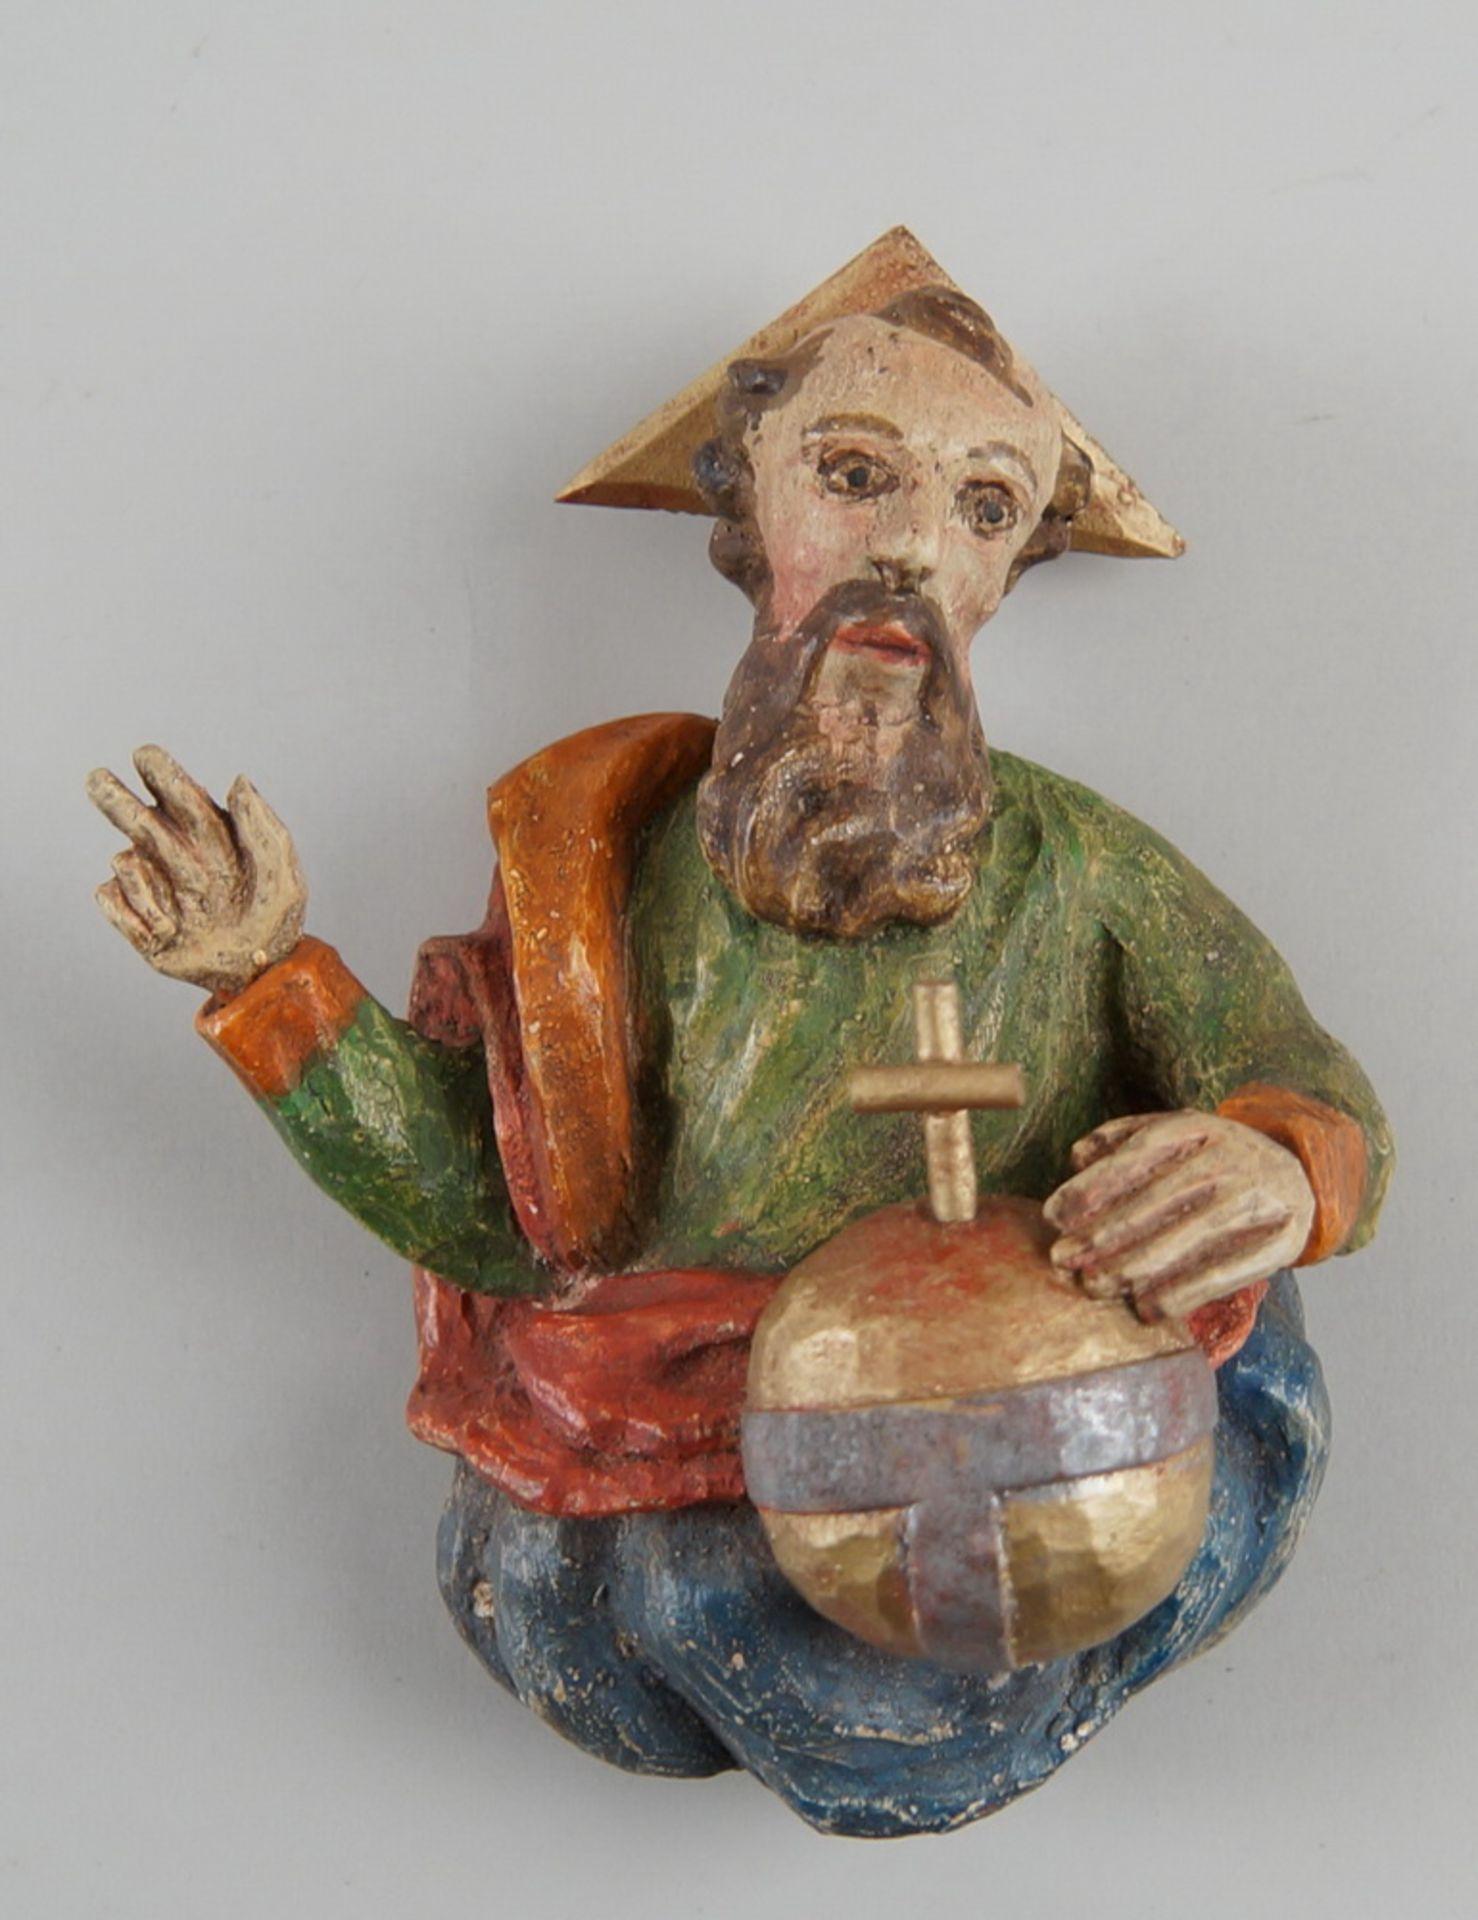 Los 33 - Gottvater, Holz geschnitzt und gefasst, 18x15cm